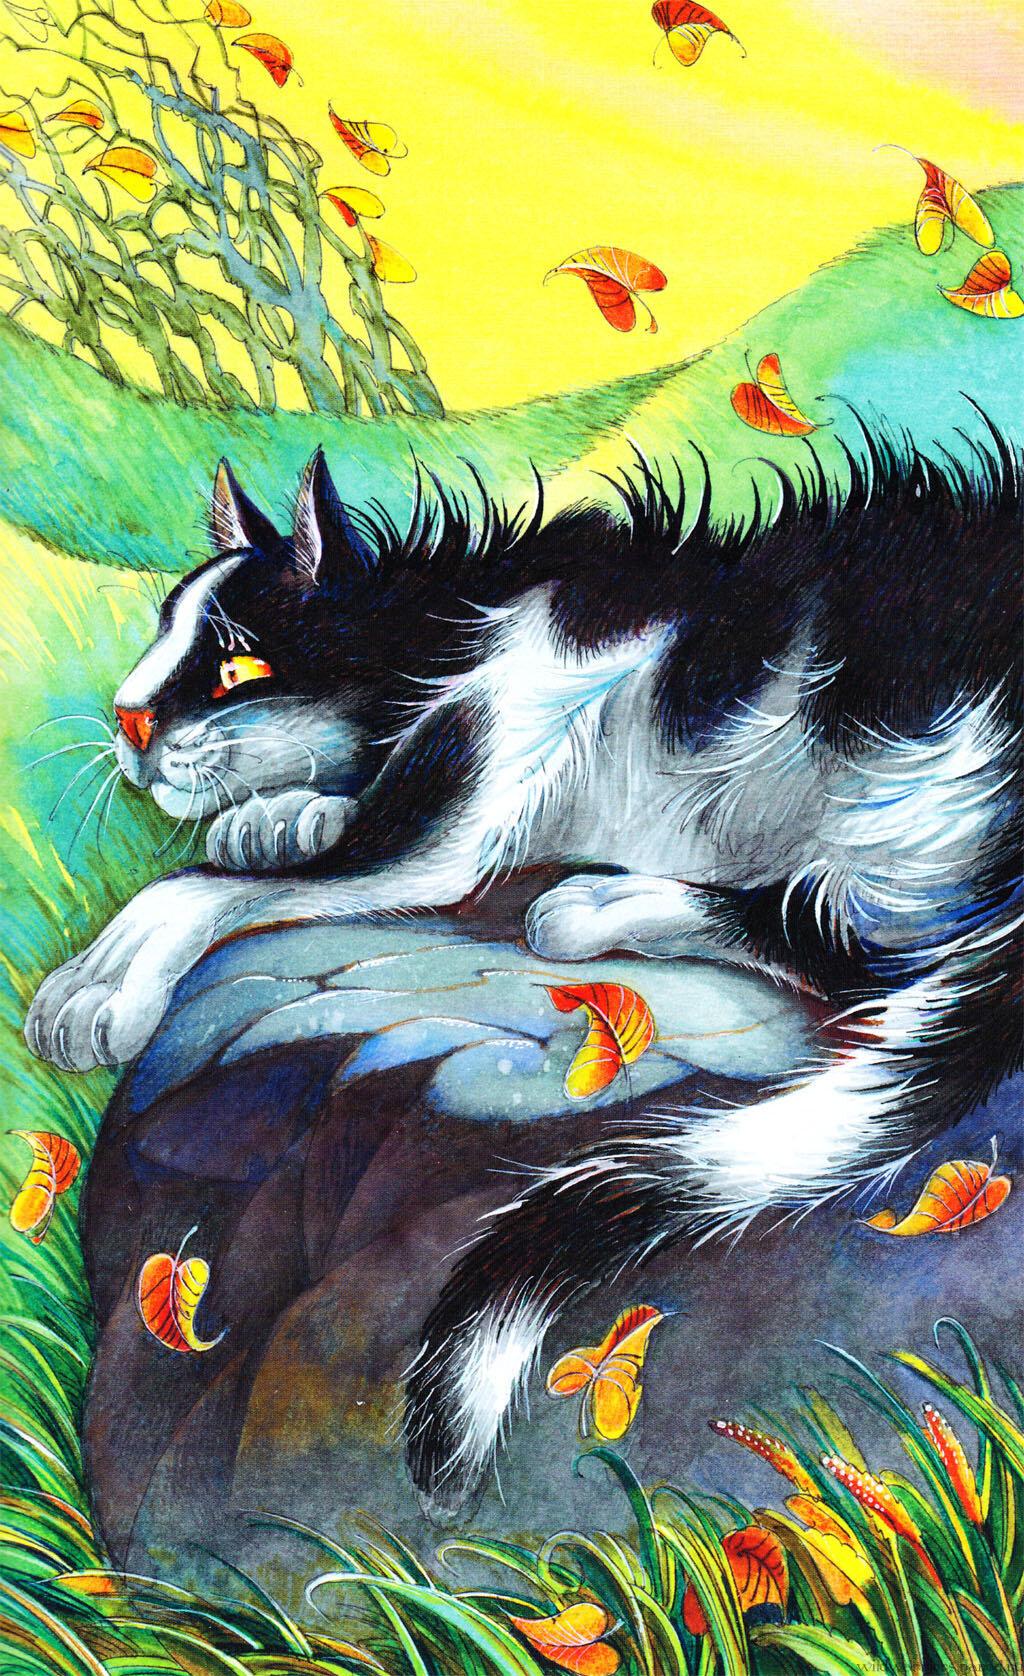 коты воители герои книг с картинками буквально ночевала